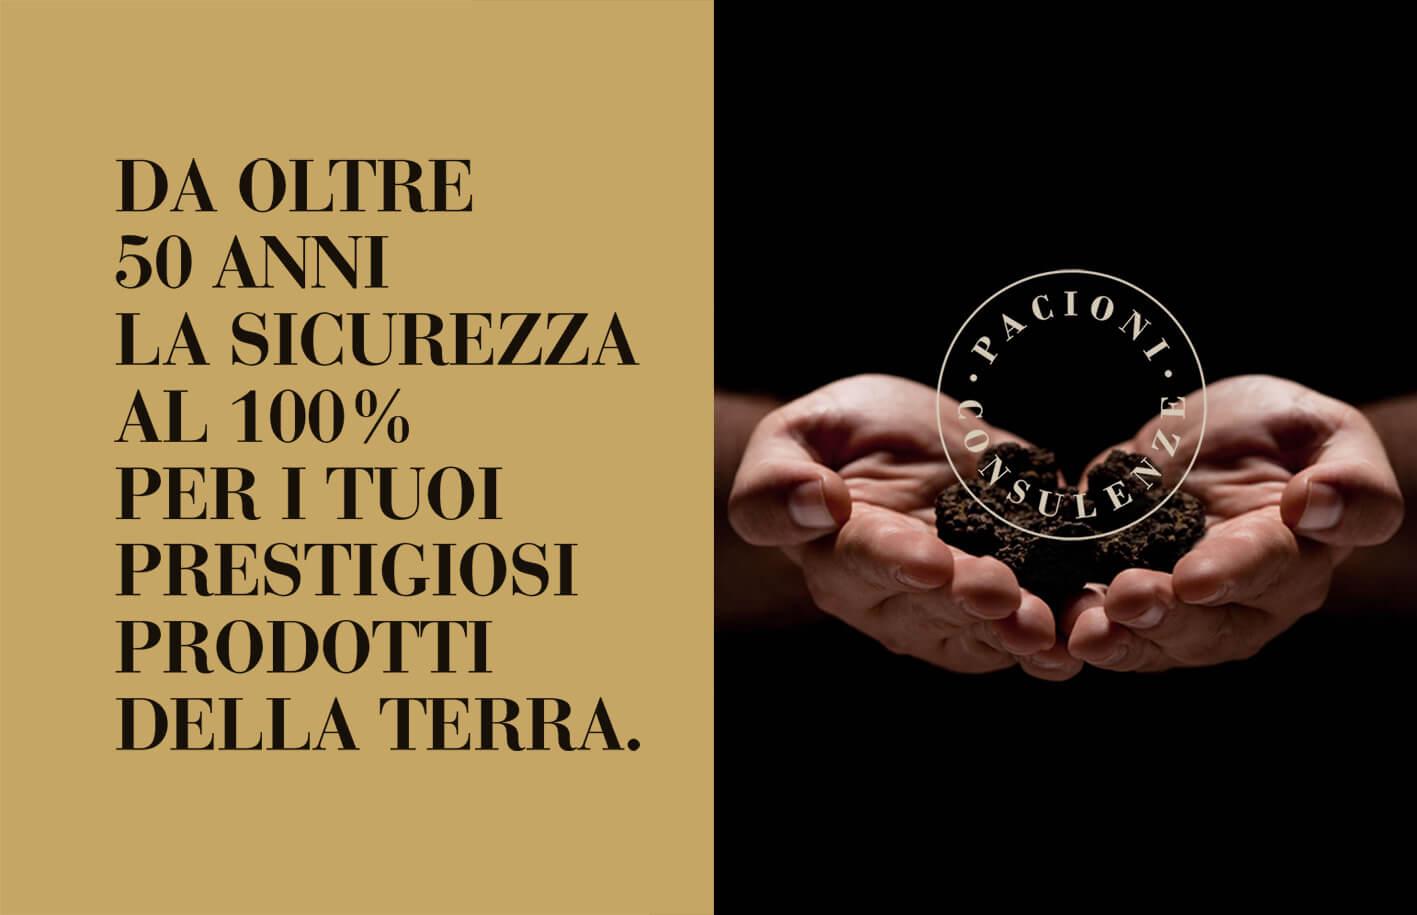 Logo-pacioni-consulenze-gabriella-sperandio